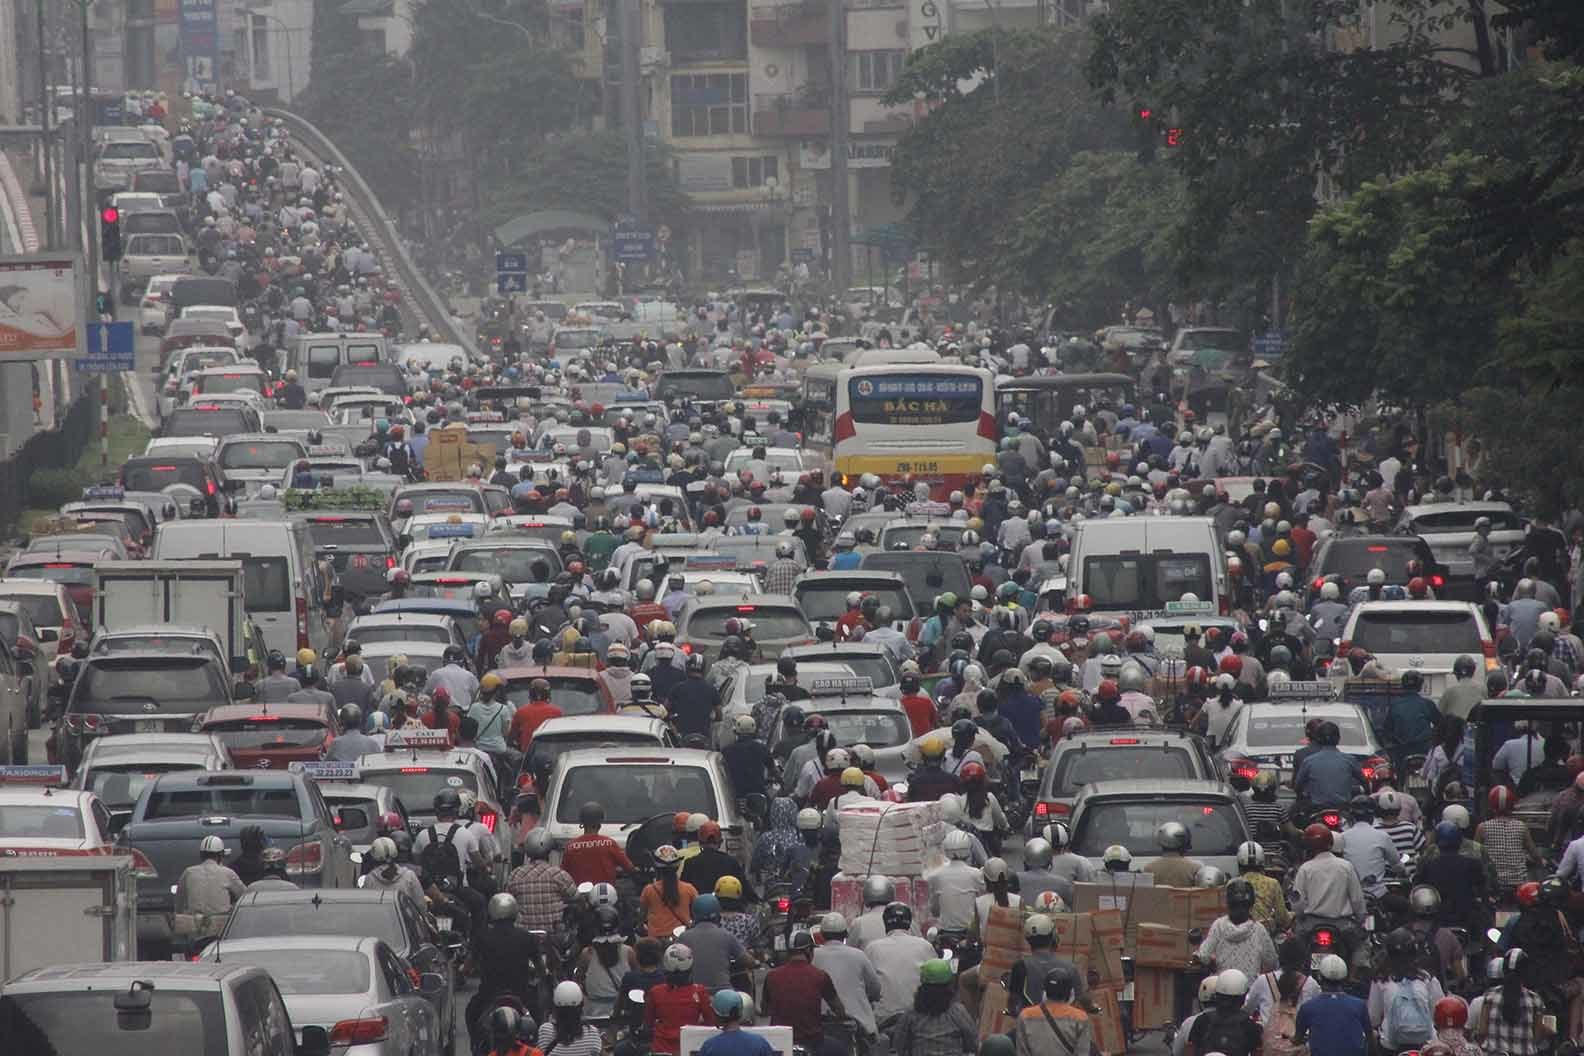 giảm ùn tắc giao thông, Hà Nội toàn làm ngược, hạn chế phương tiện cá nhân